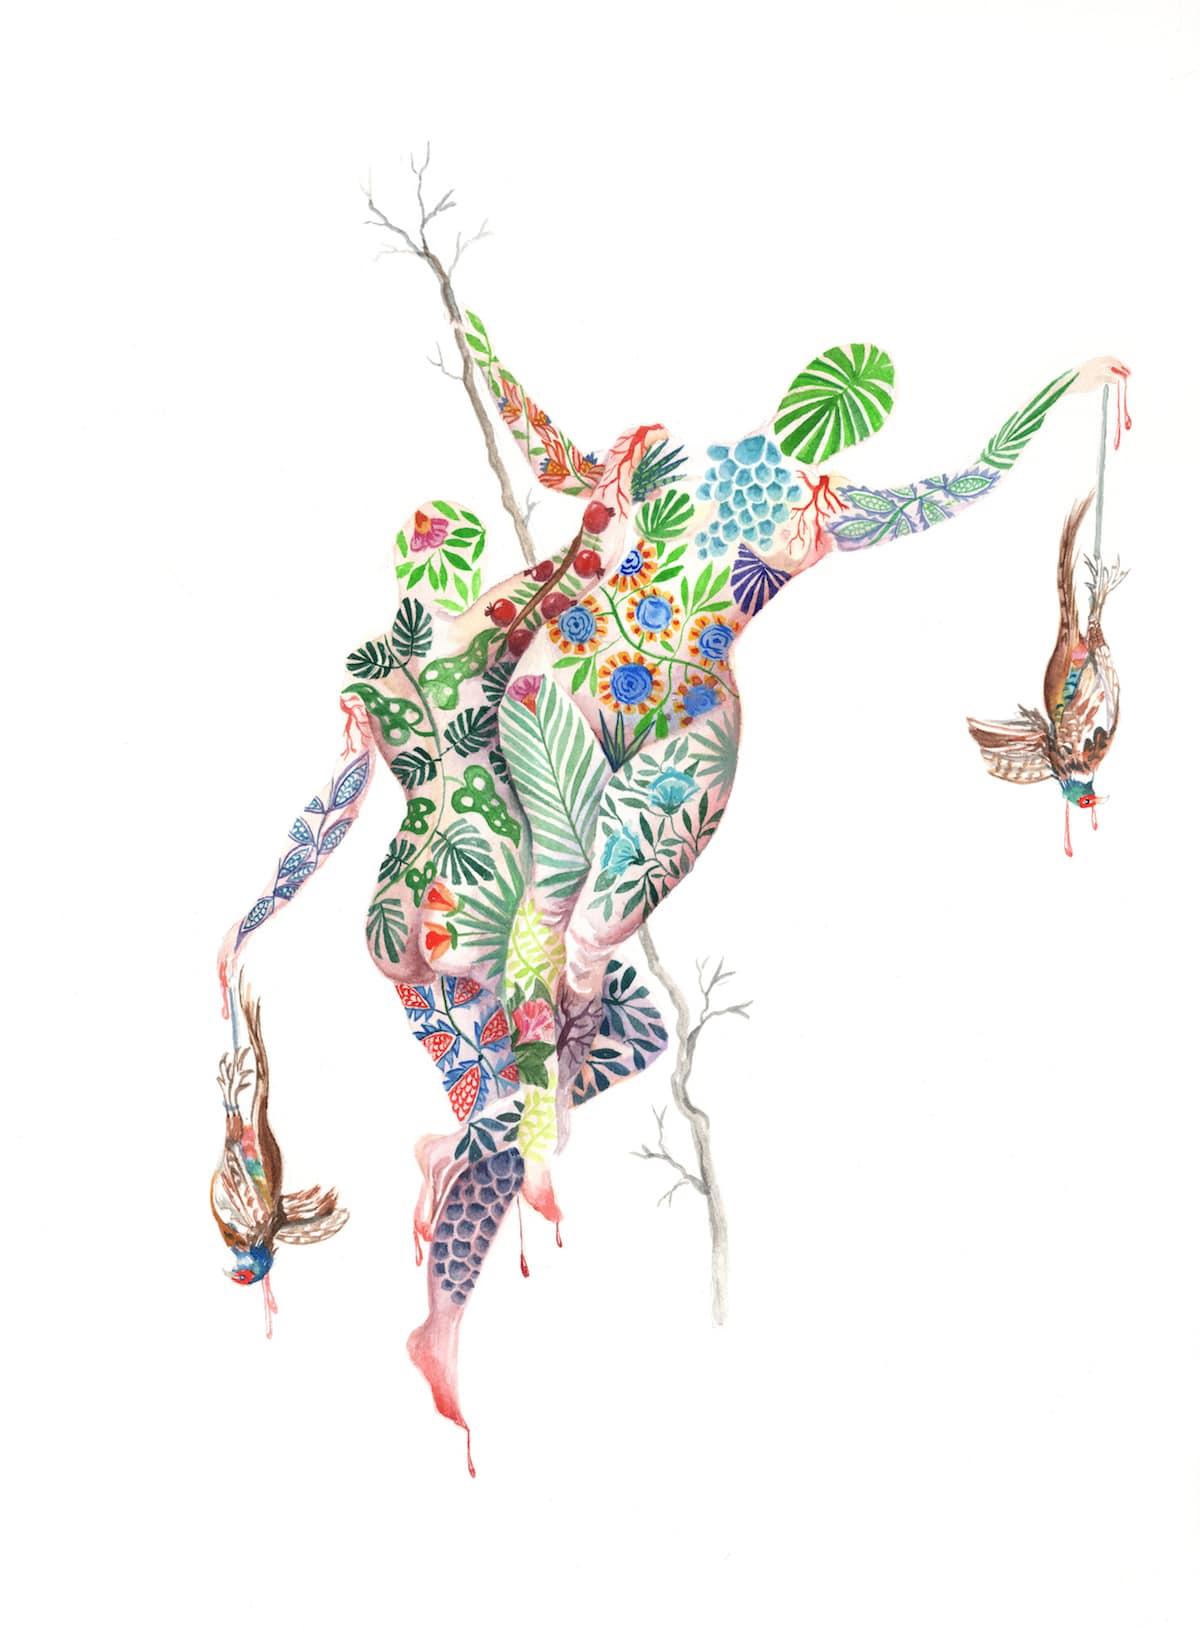 ნახატები, ხელოვნება, ბლოგი, Qwelly, მხატვრობა, გლობალური დათბობა, კლიმატი